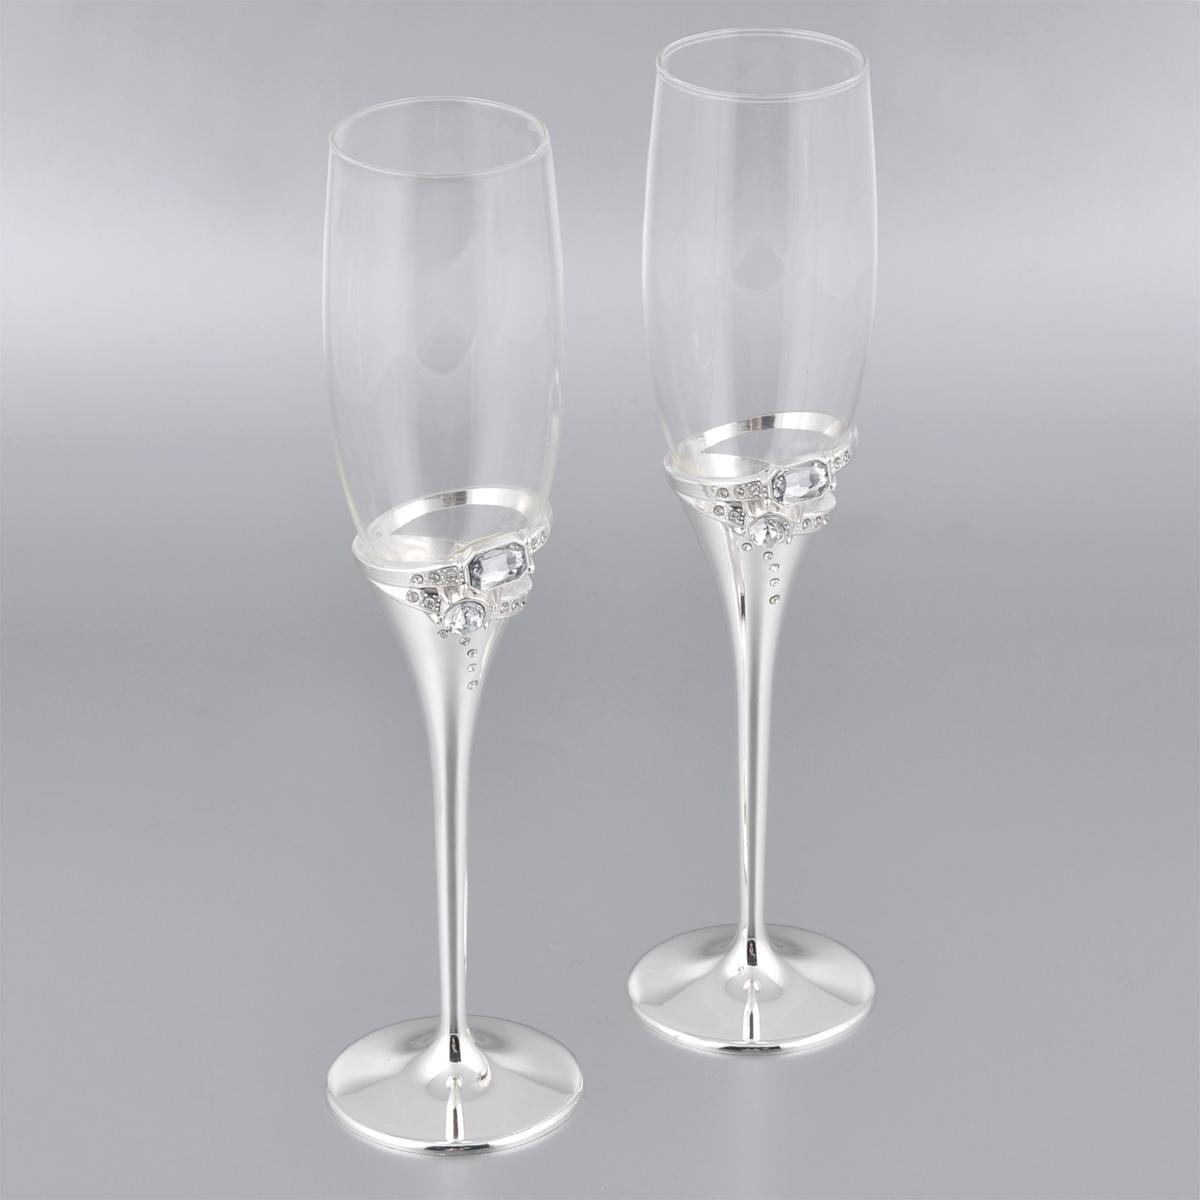 Набор бокалов Marquis, 2 шт. 7097-MR7097-MRНабор Marquis состоит из двух бокалов на высоких ножках. Бокалы выполнены из стекла. Изящные тонкие ножки, изготовленные из стали с серебряно-никелевым покрытием, оформлены узором из страз. Бокалы идеально подойдут для шампанского или вина. Такой набор станет прекрасным дополнением романтического вечера. Изысканные изделия необычного оформления понравятся и ценителям классики, и тем, кто предпочитает утонченность и изысканность. Диаметр по верхнему краю: 5 см. Диаметр основания: 6,8 см. Высота бокалов: 25,5 см.